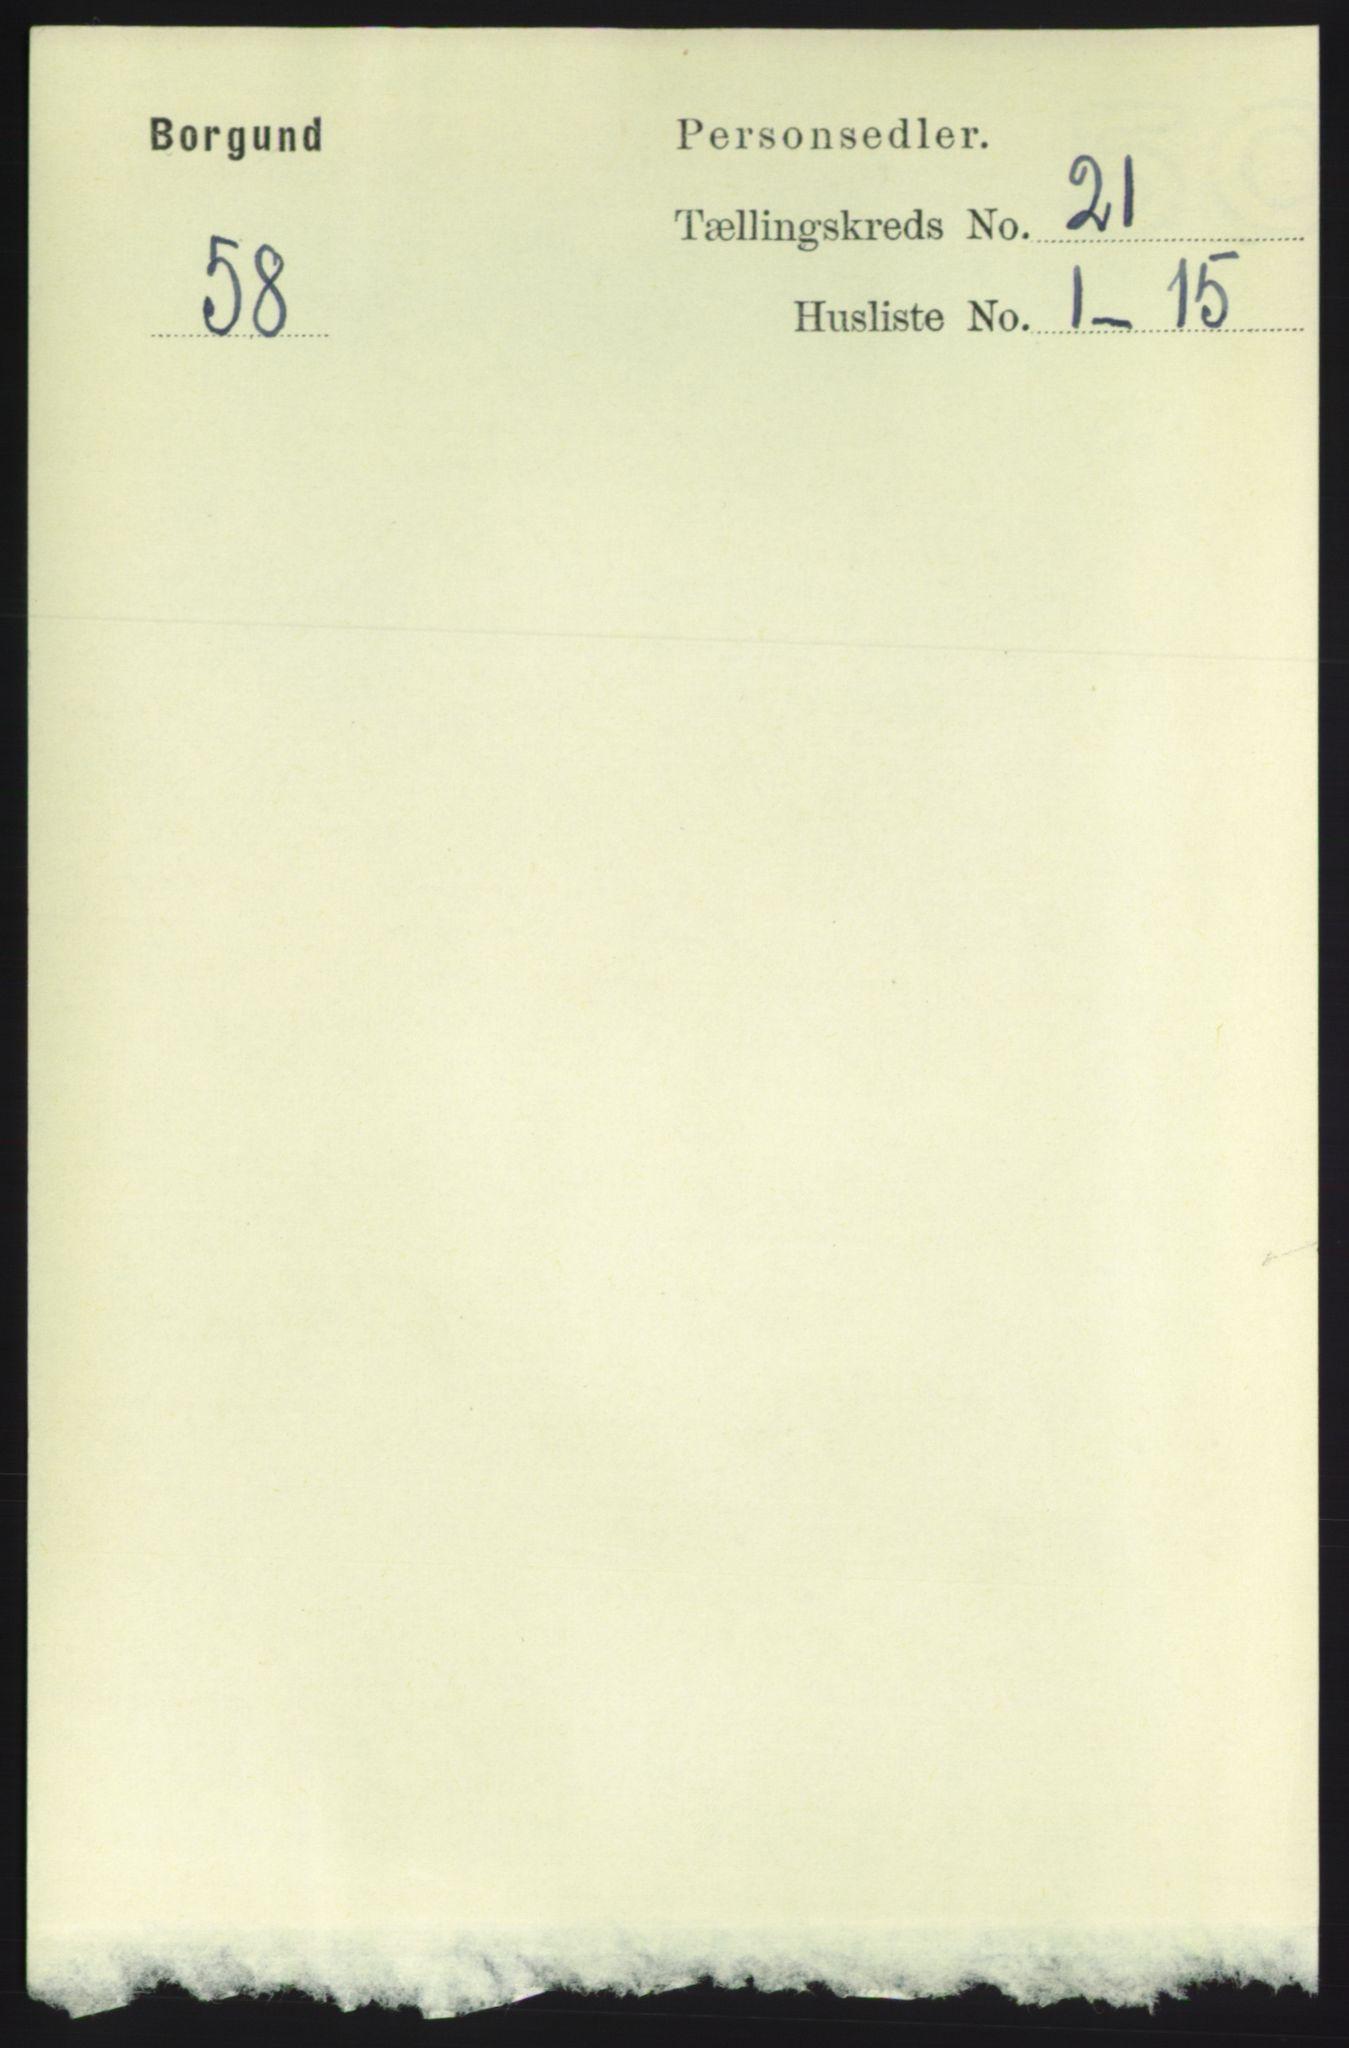 RA, Folketelling 1891 for 1531 Borgund herred, 1891, s. 6341